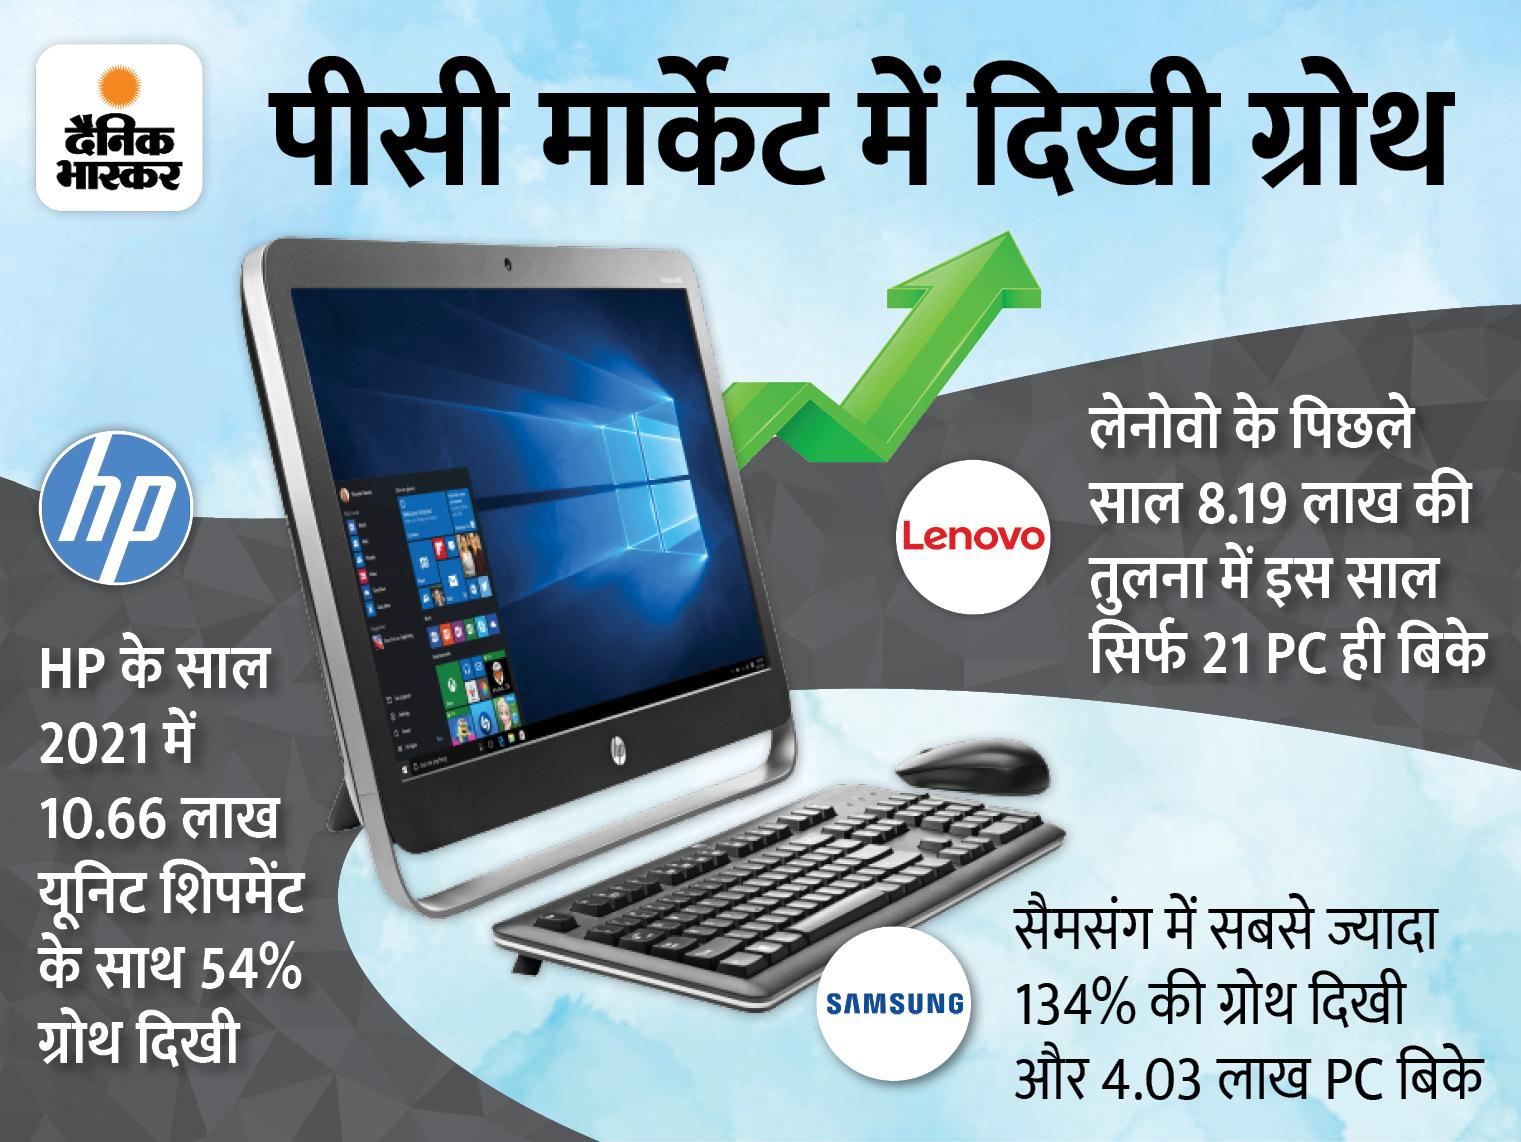 10.66 लाख यूनिट शिपमेंट के साथ रहा सबसे आगे, जानिए सैमसंग और अन्य ब्रांड की रैंक|टेक & ऑटो,Tech & Auto - Dainik Bhaskar